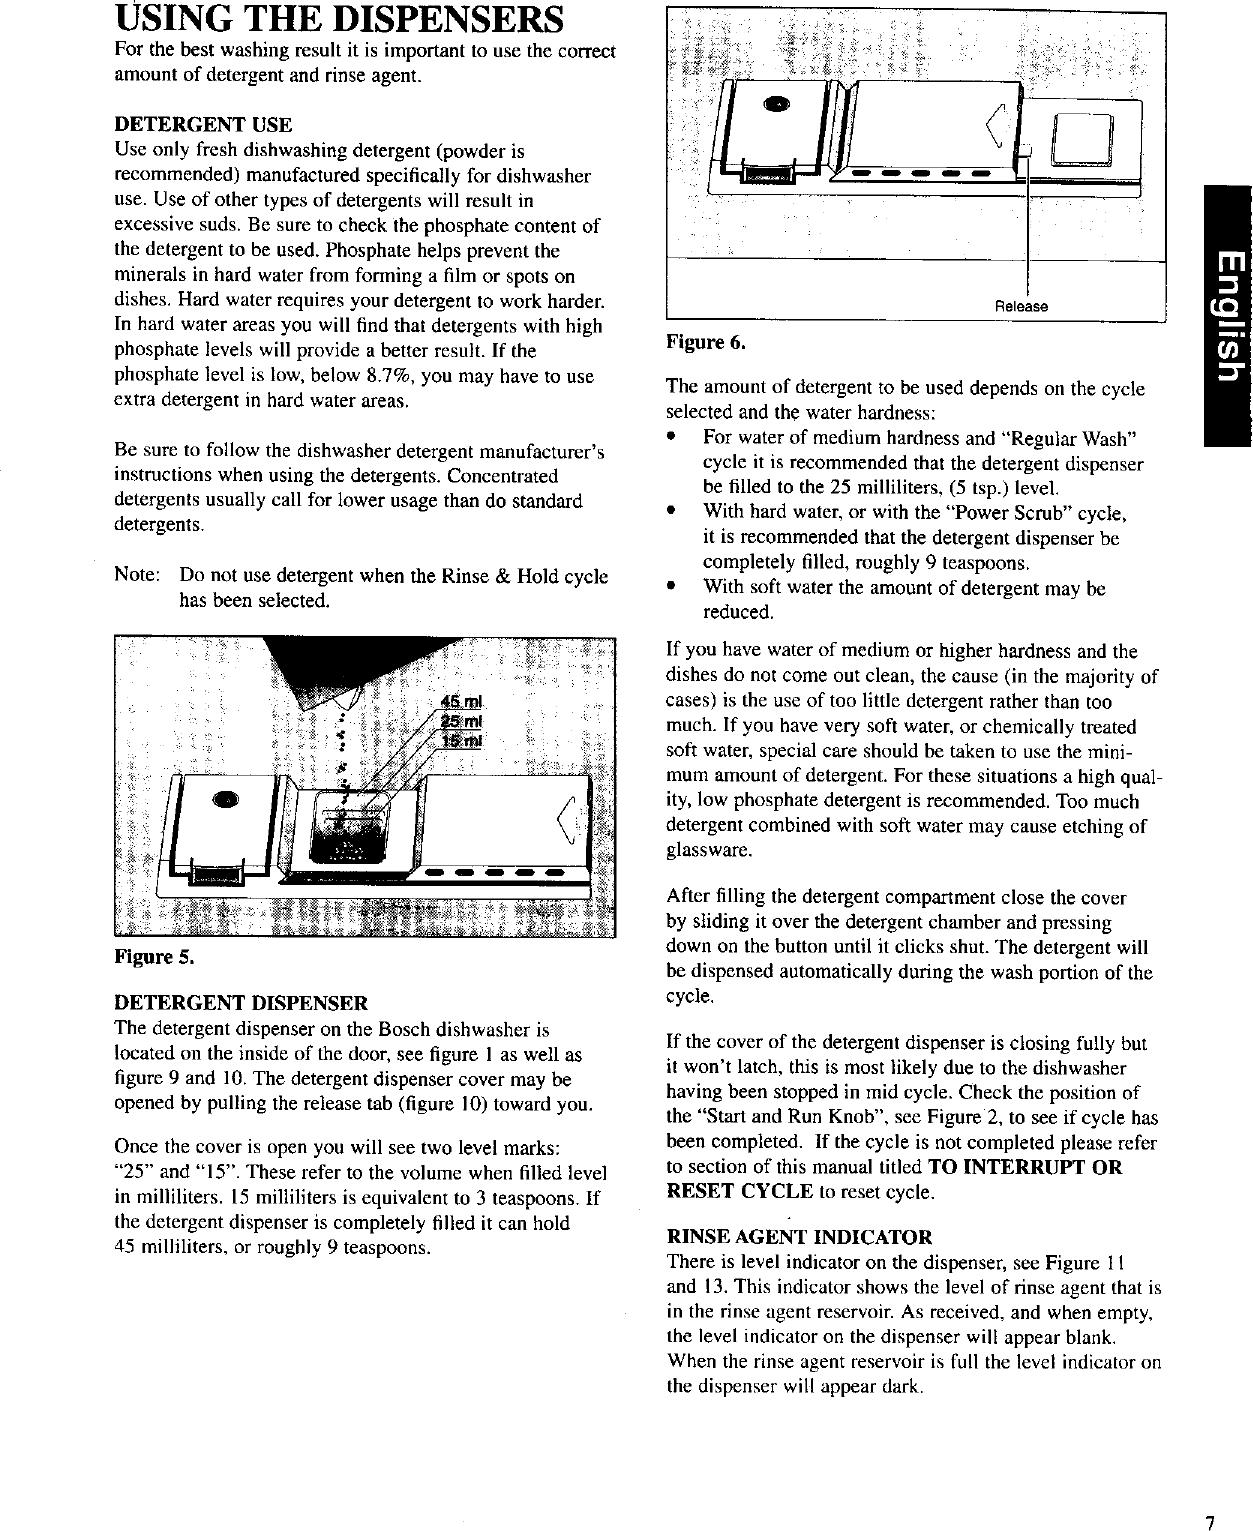 BOSCH Dishwasher Manual L0020017